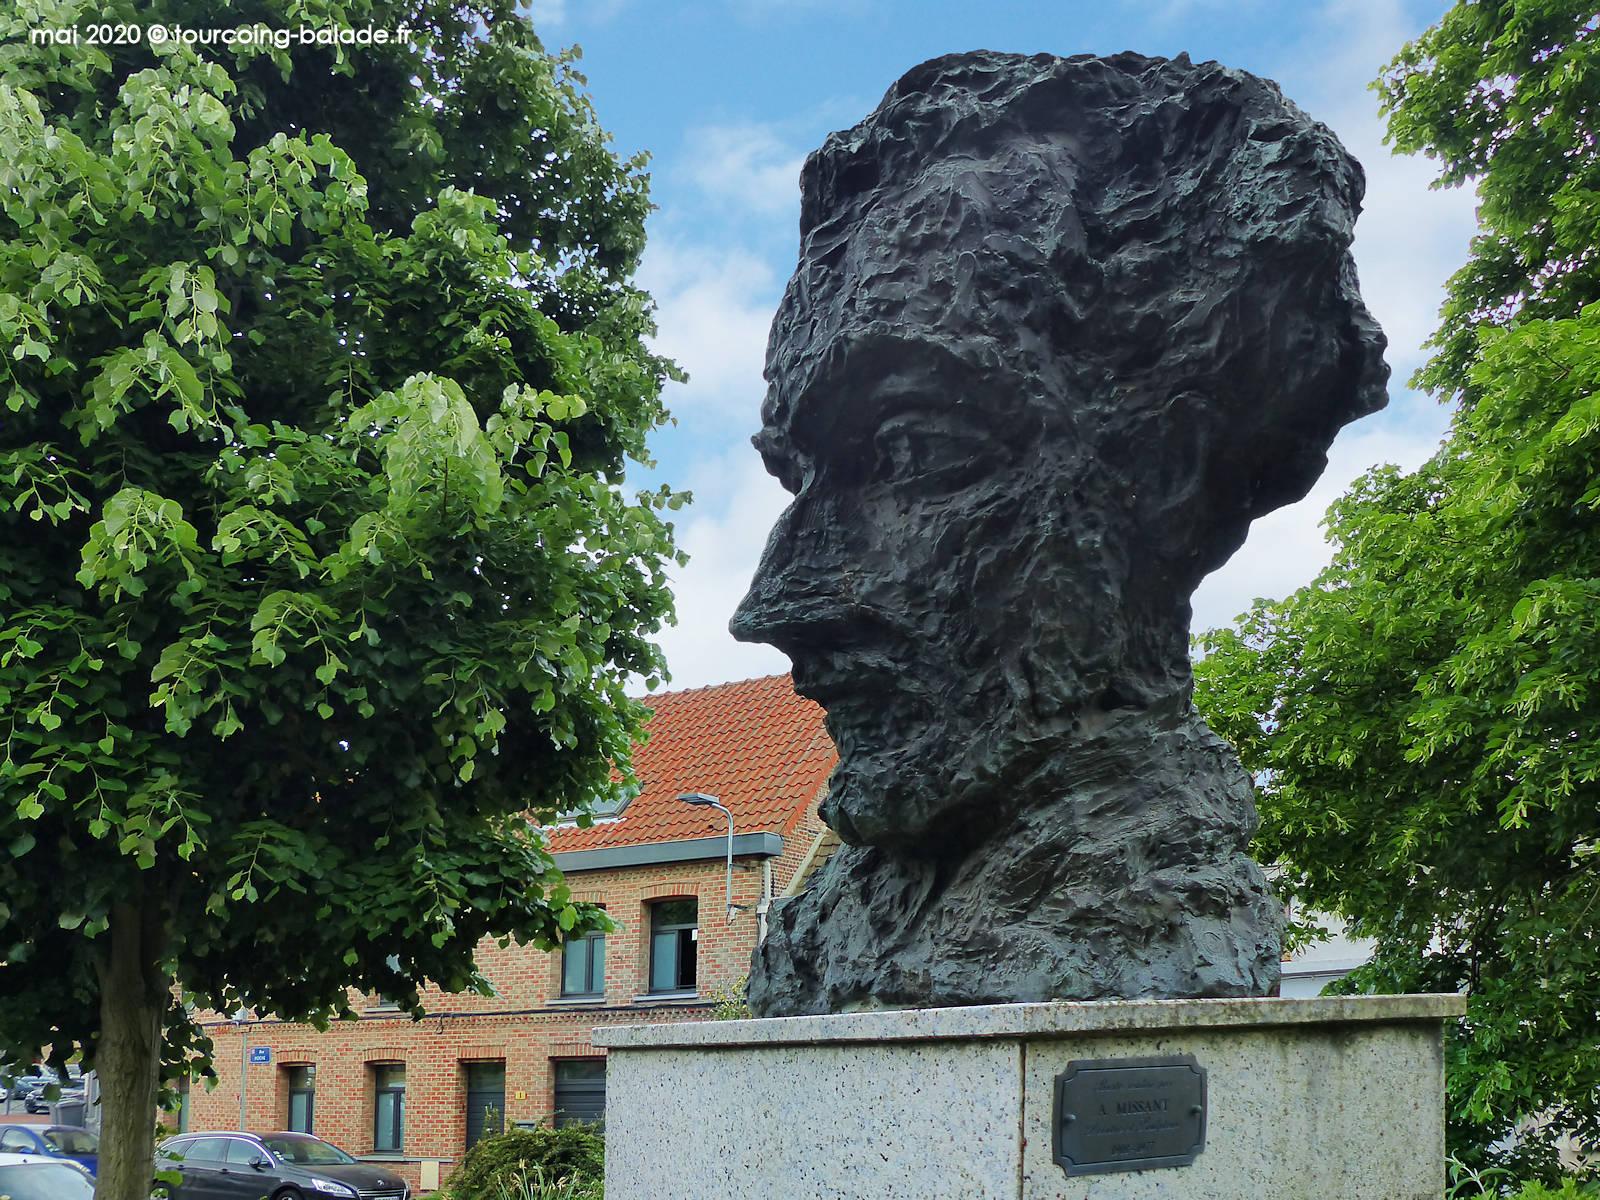 Monument à Maxence Van der Meersch, André Missant, Wasquehal 2020